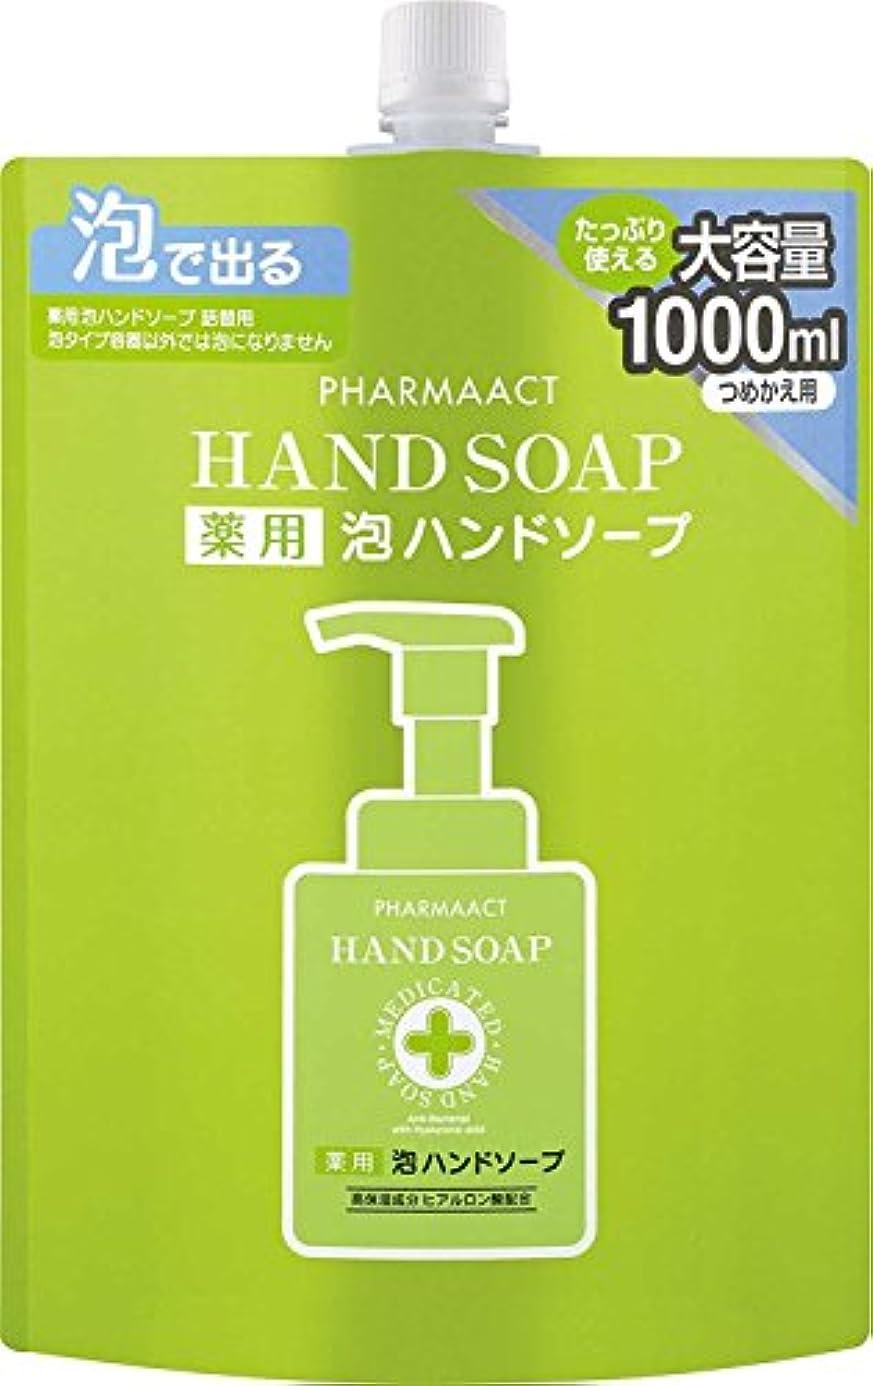 証明ありそう阻害する熊野油脂 PHARMAACT(ファーマアクト) 薬用泡ハンドソープ詰替スパウト付 1L